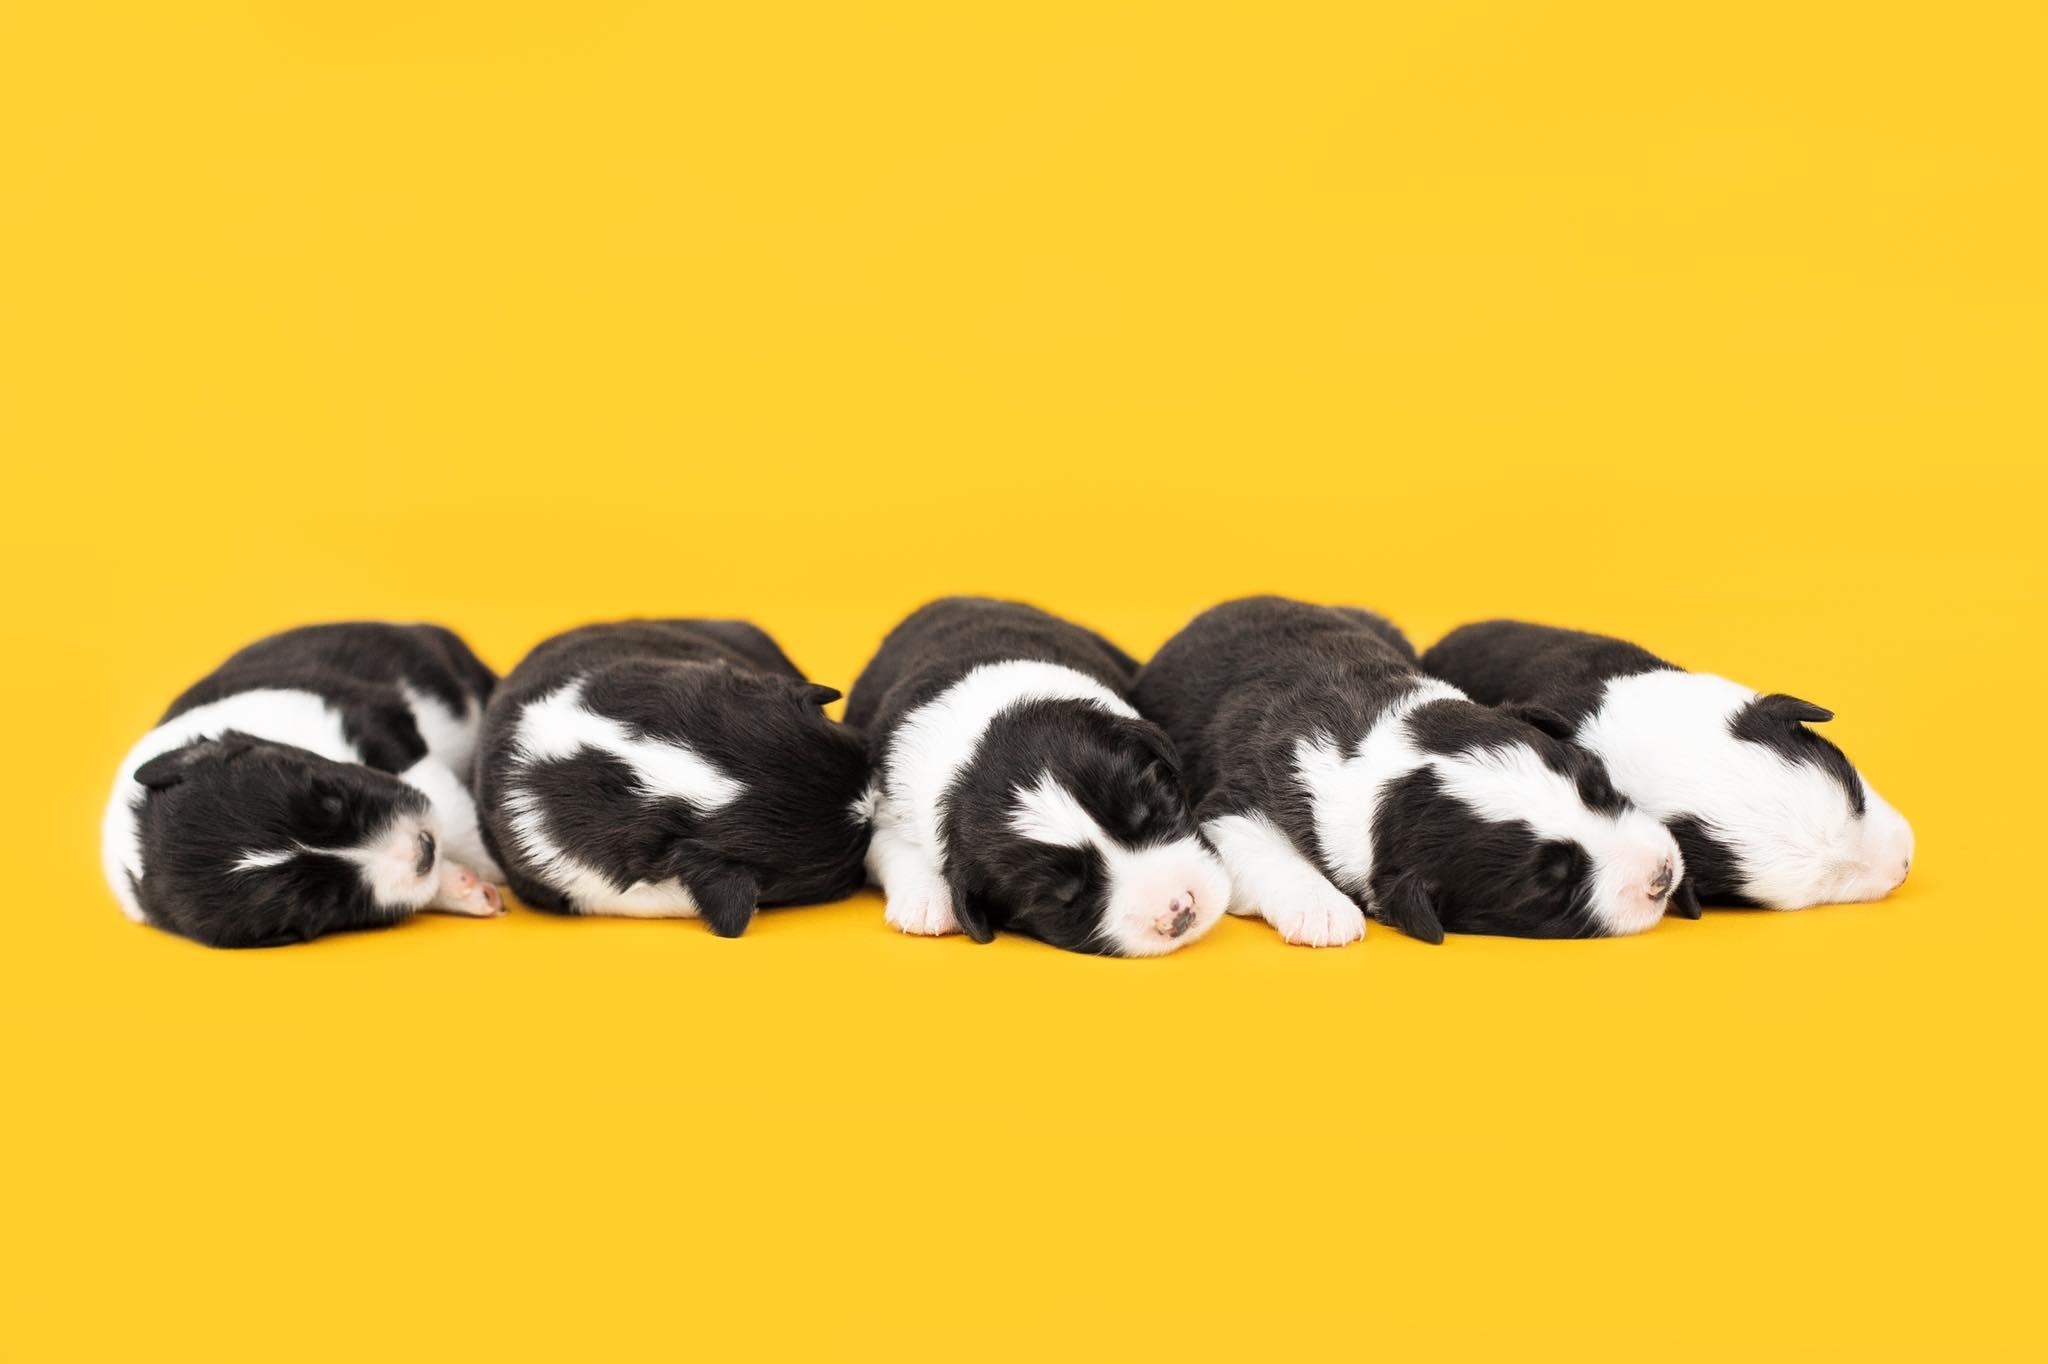 щенки бордер-колли, питомник Maliband